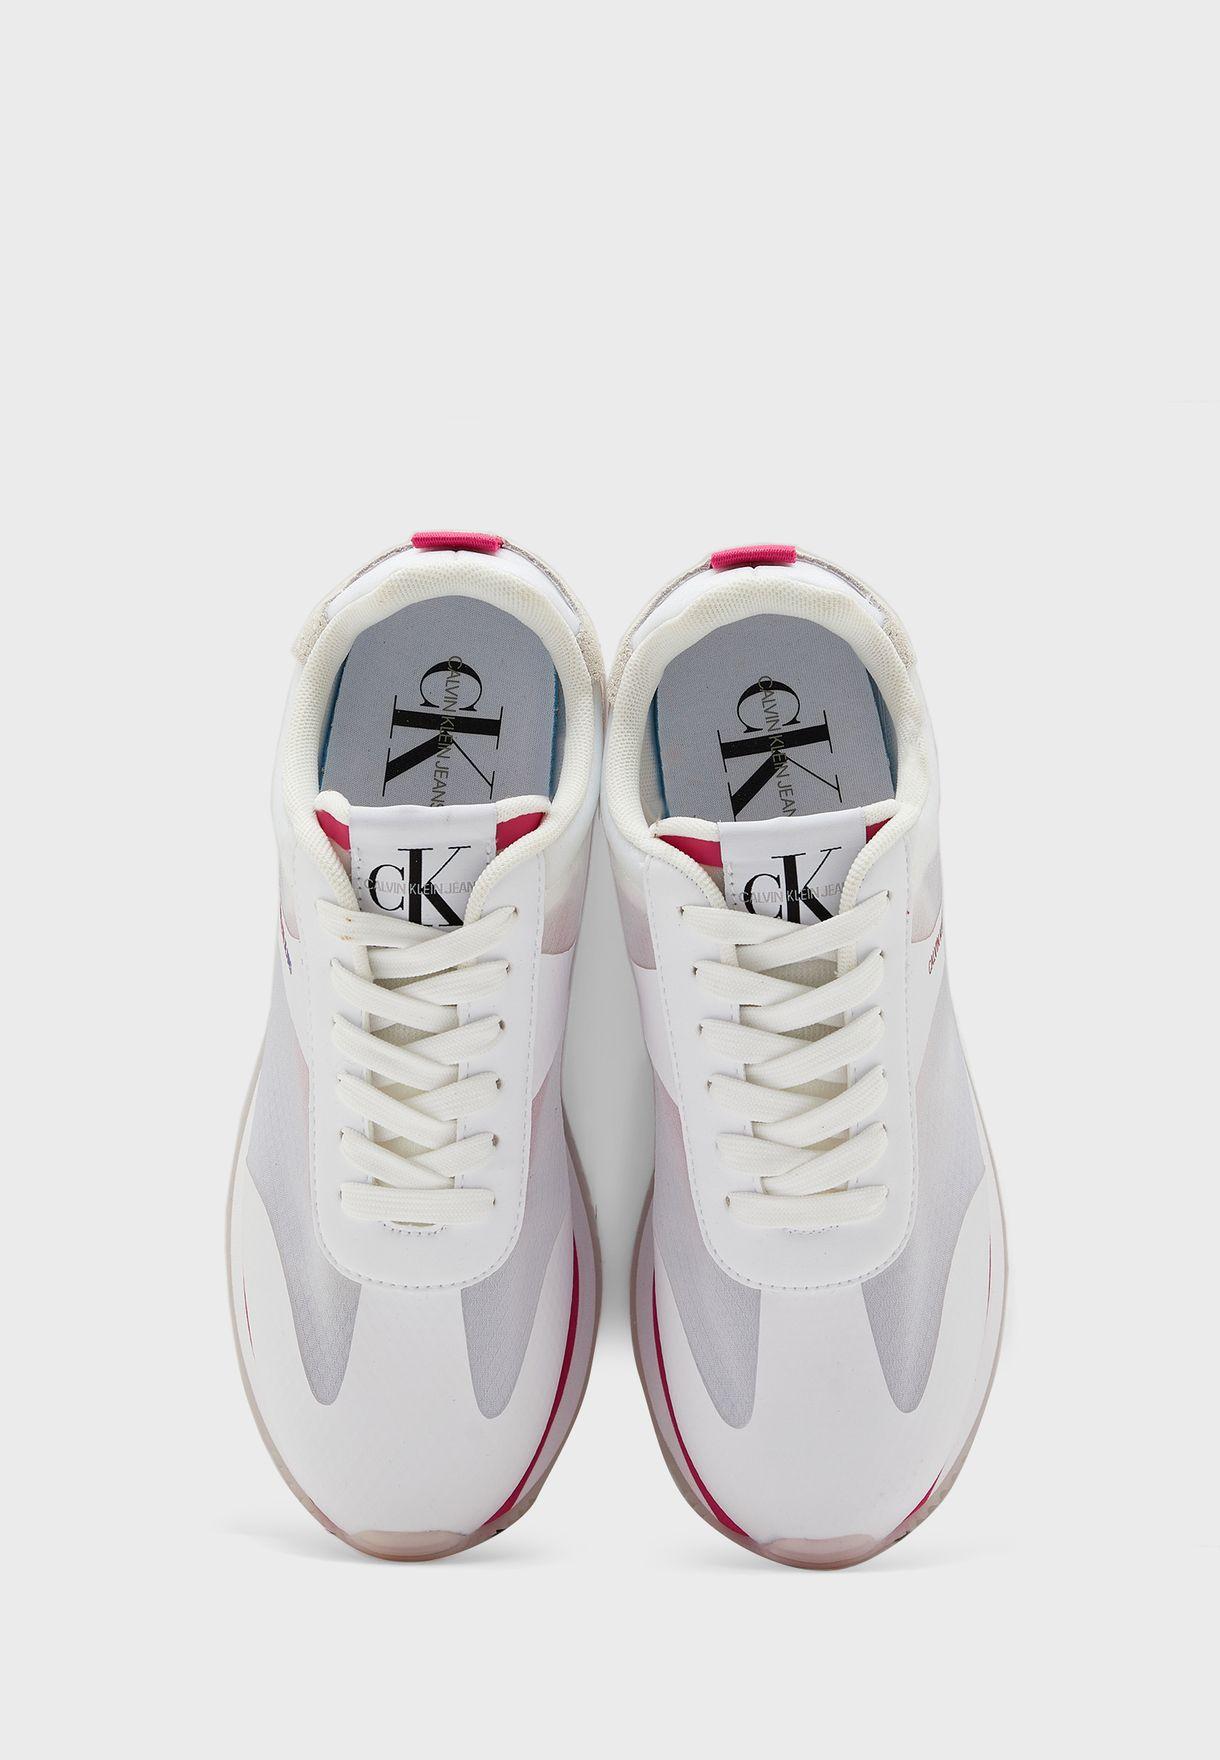 حذاء ركض بكاحل منخفض